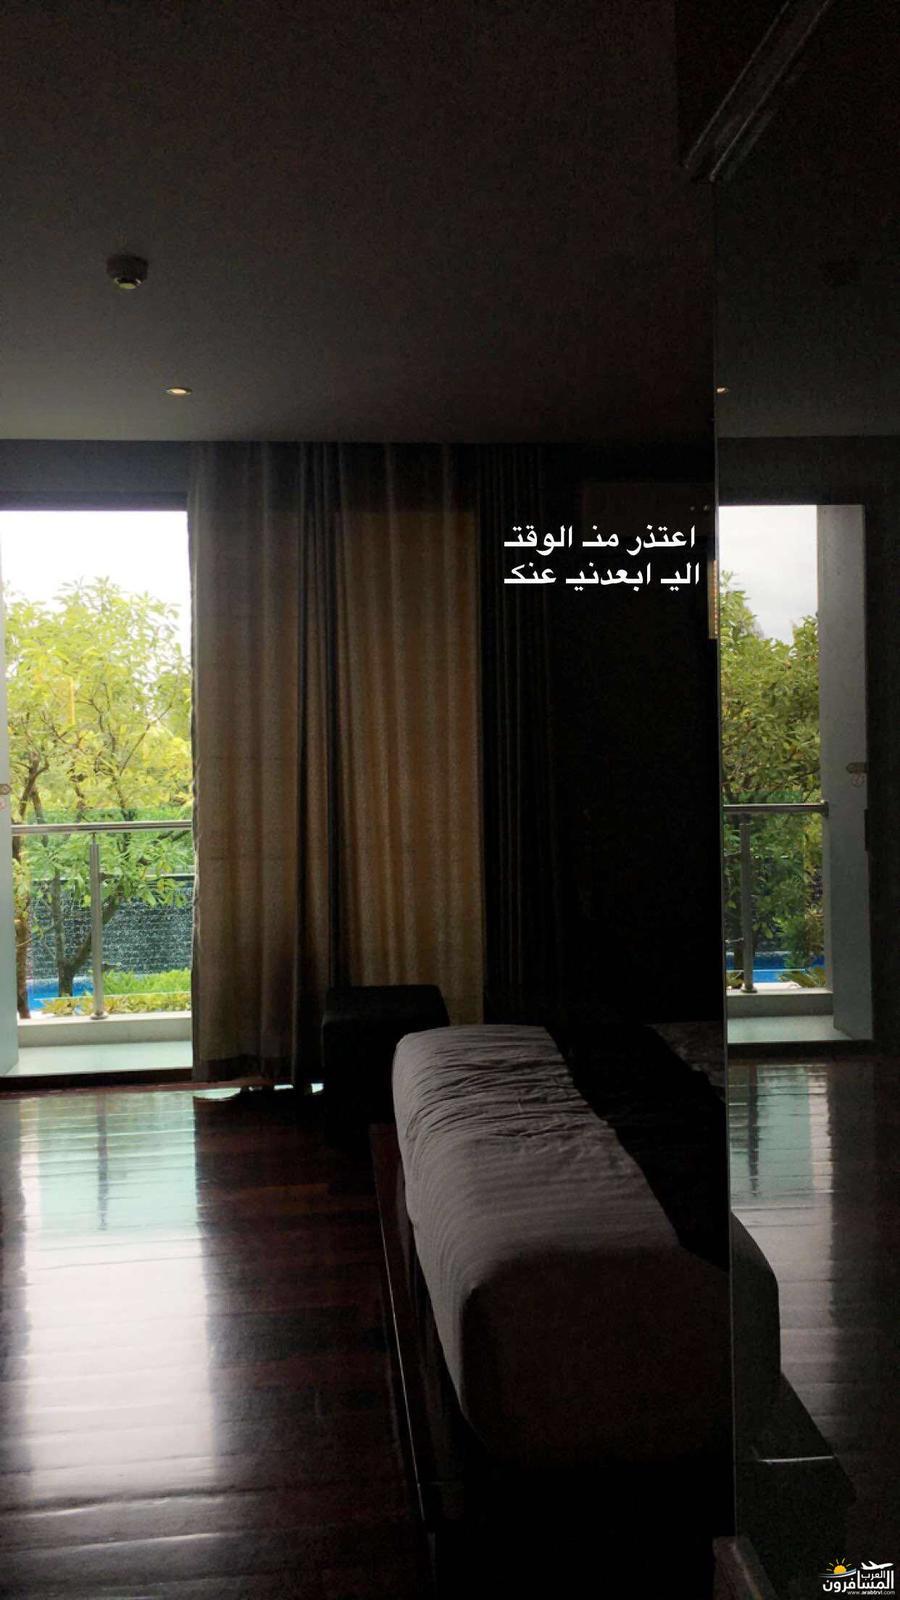 arabtrvl1509092226496.jpg